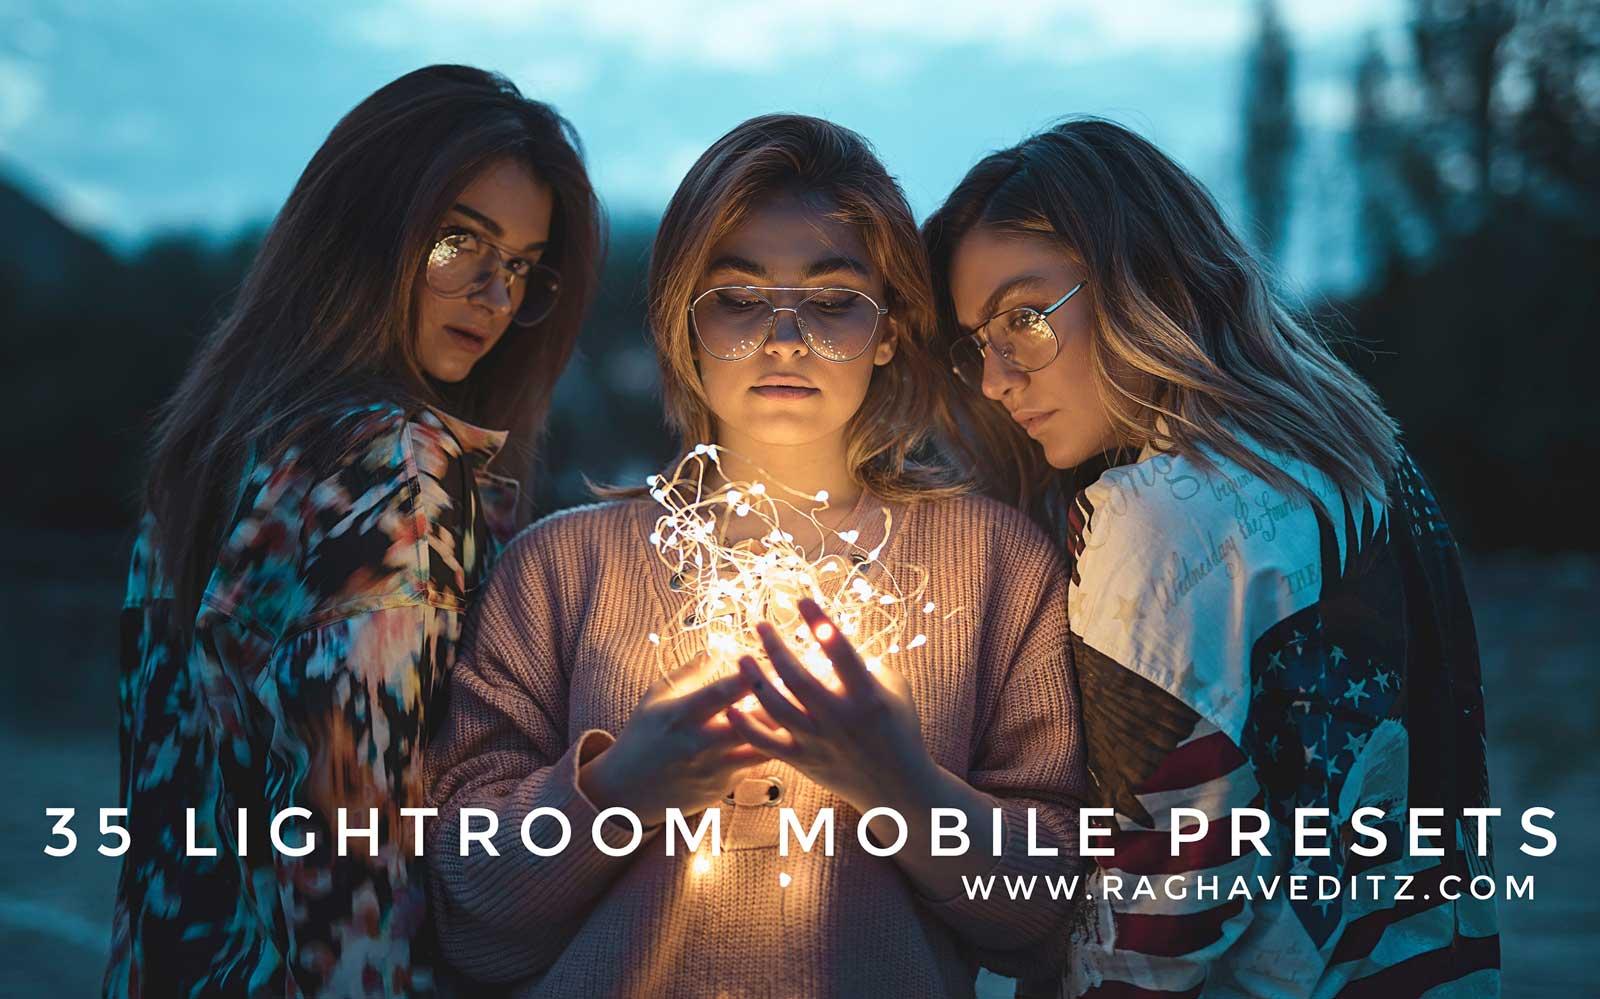 35 Free Lightroom Mobile Presets - Professional Lightroom Mobile Presets 1